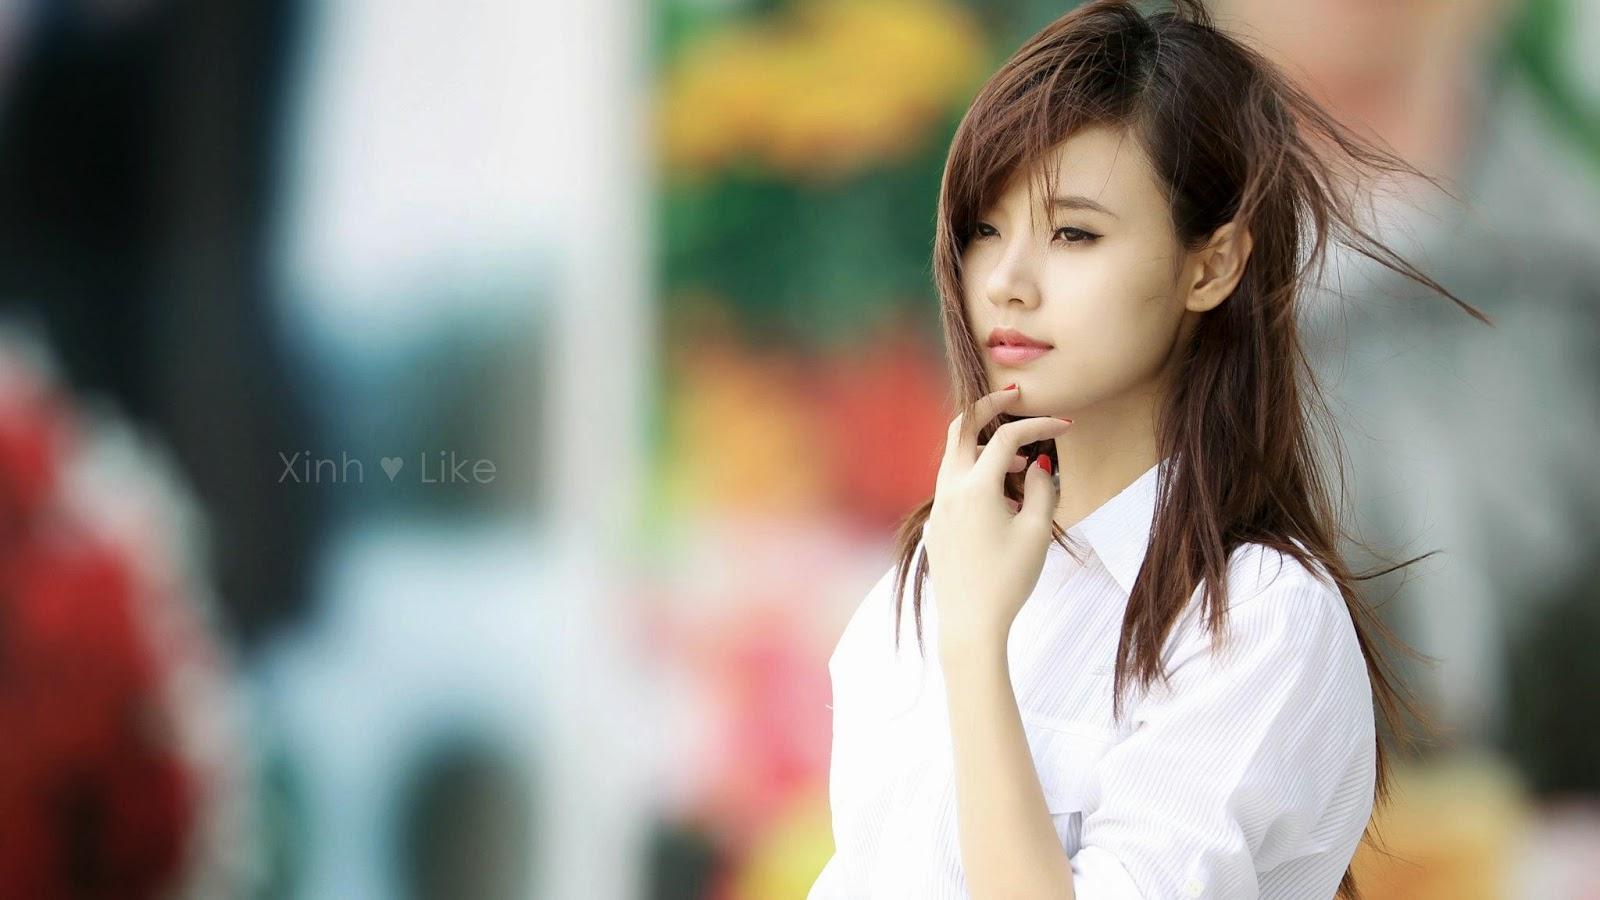 Ảnh đẹp girl xinh Việt Nam Việt Nam -Ảnh 05